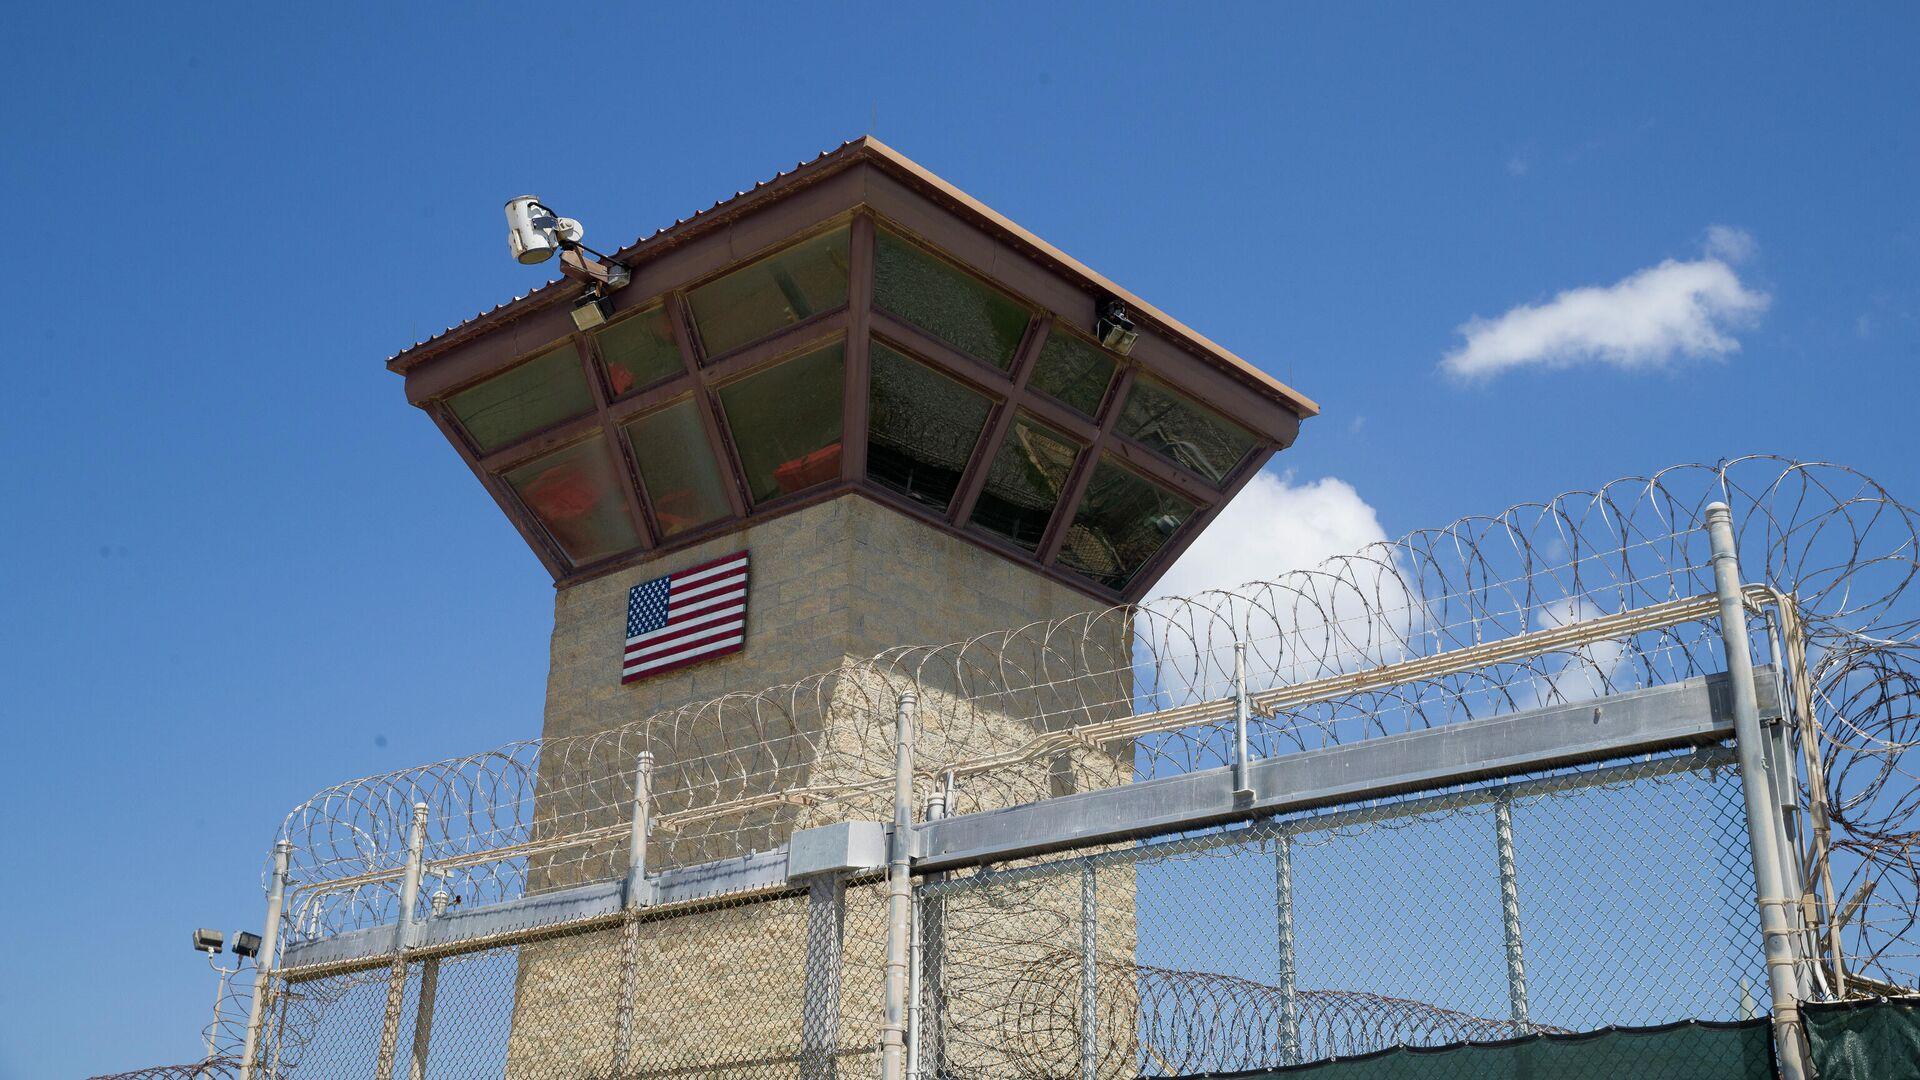 Torre de control del Campo 6 del centro de detención que tiene en la Bahía de Guantánamo - Sputnik Mundo, 1920, 05.04.2021